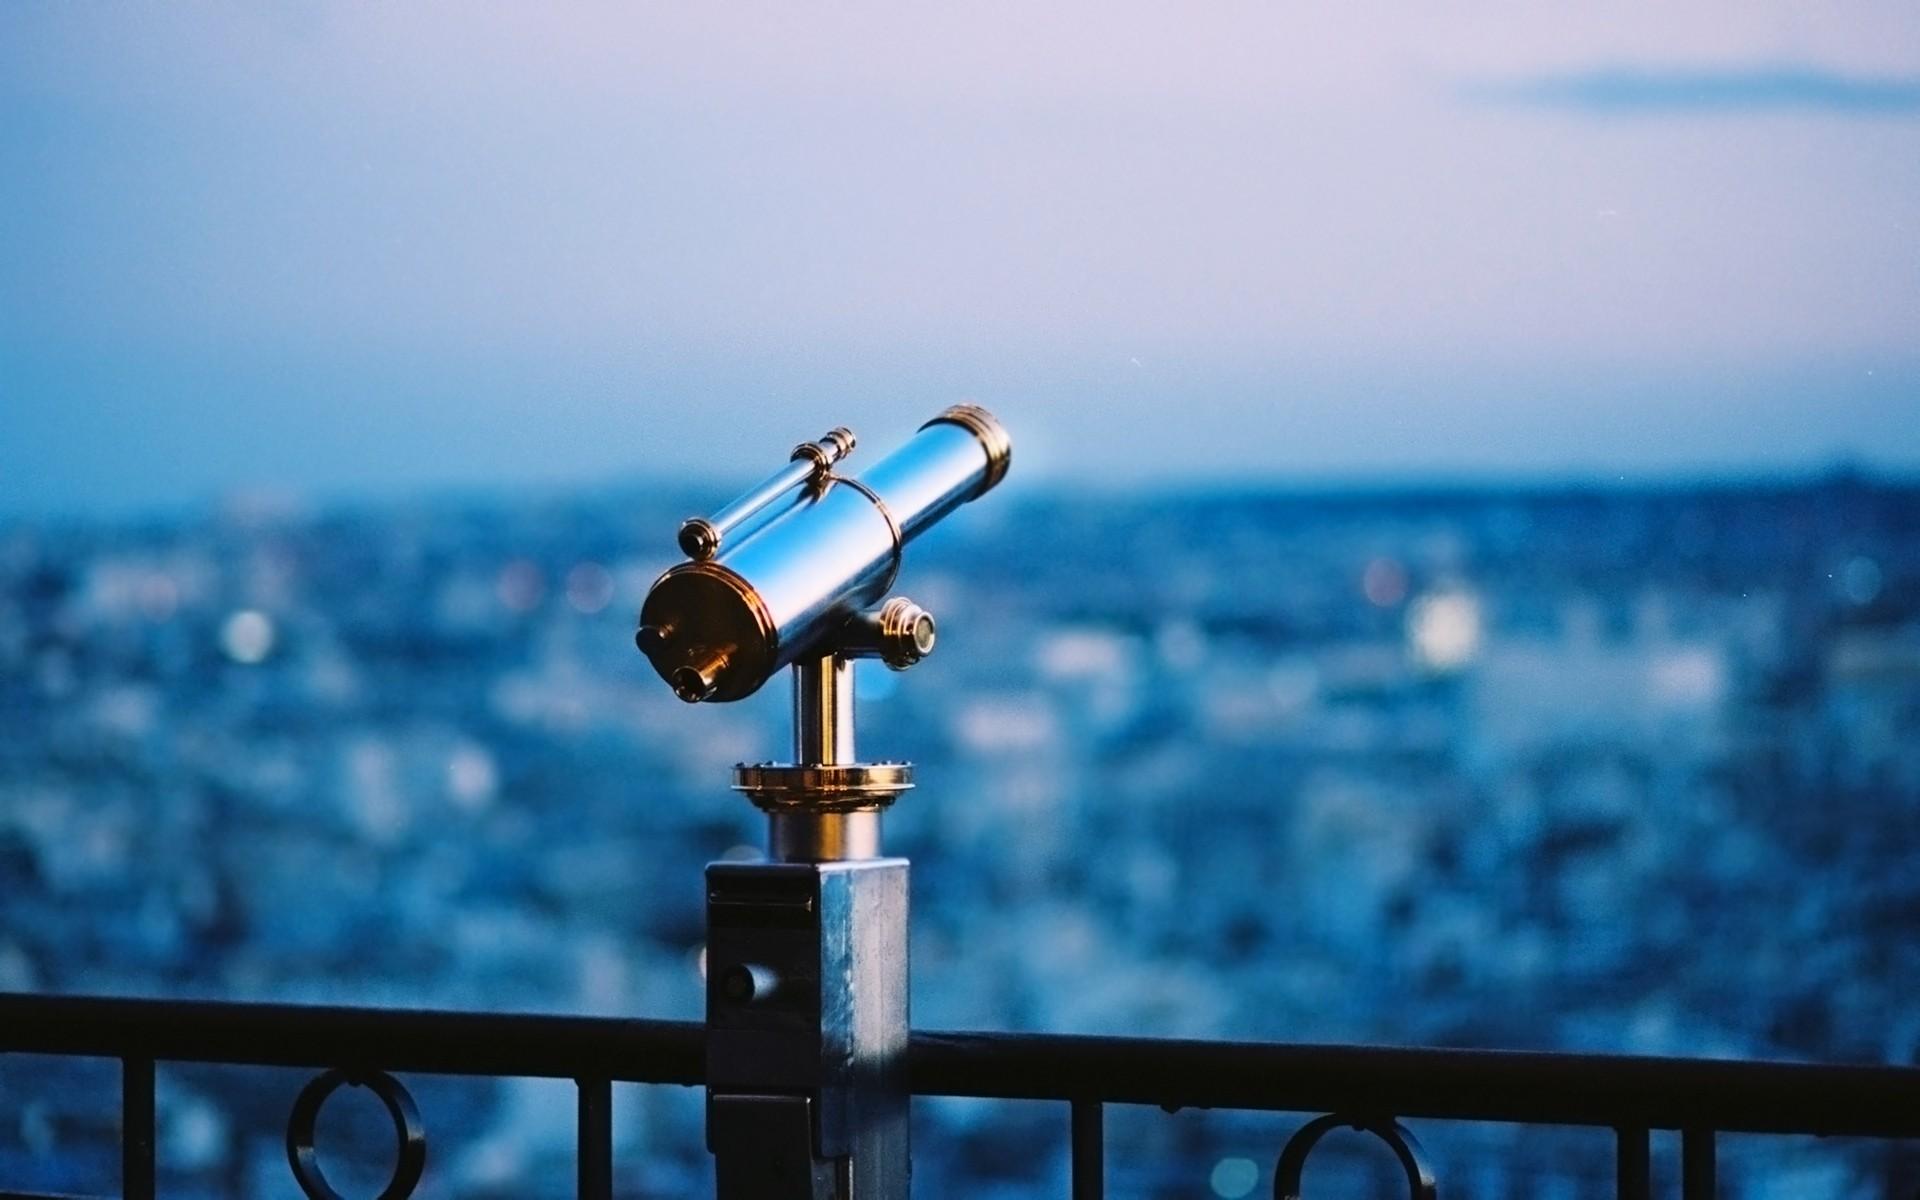 Германия поставила для русской обсерватории телескоп за €100 млн